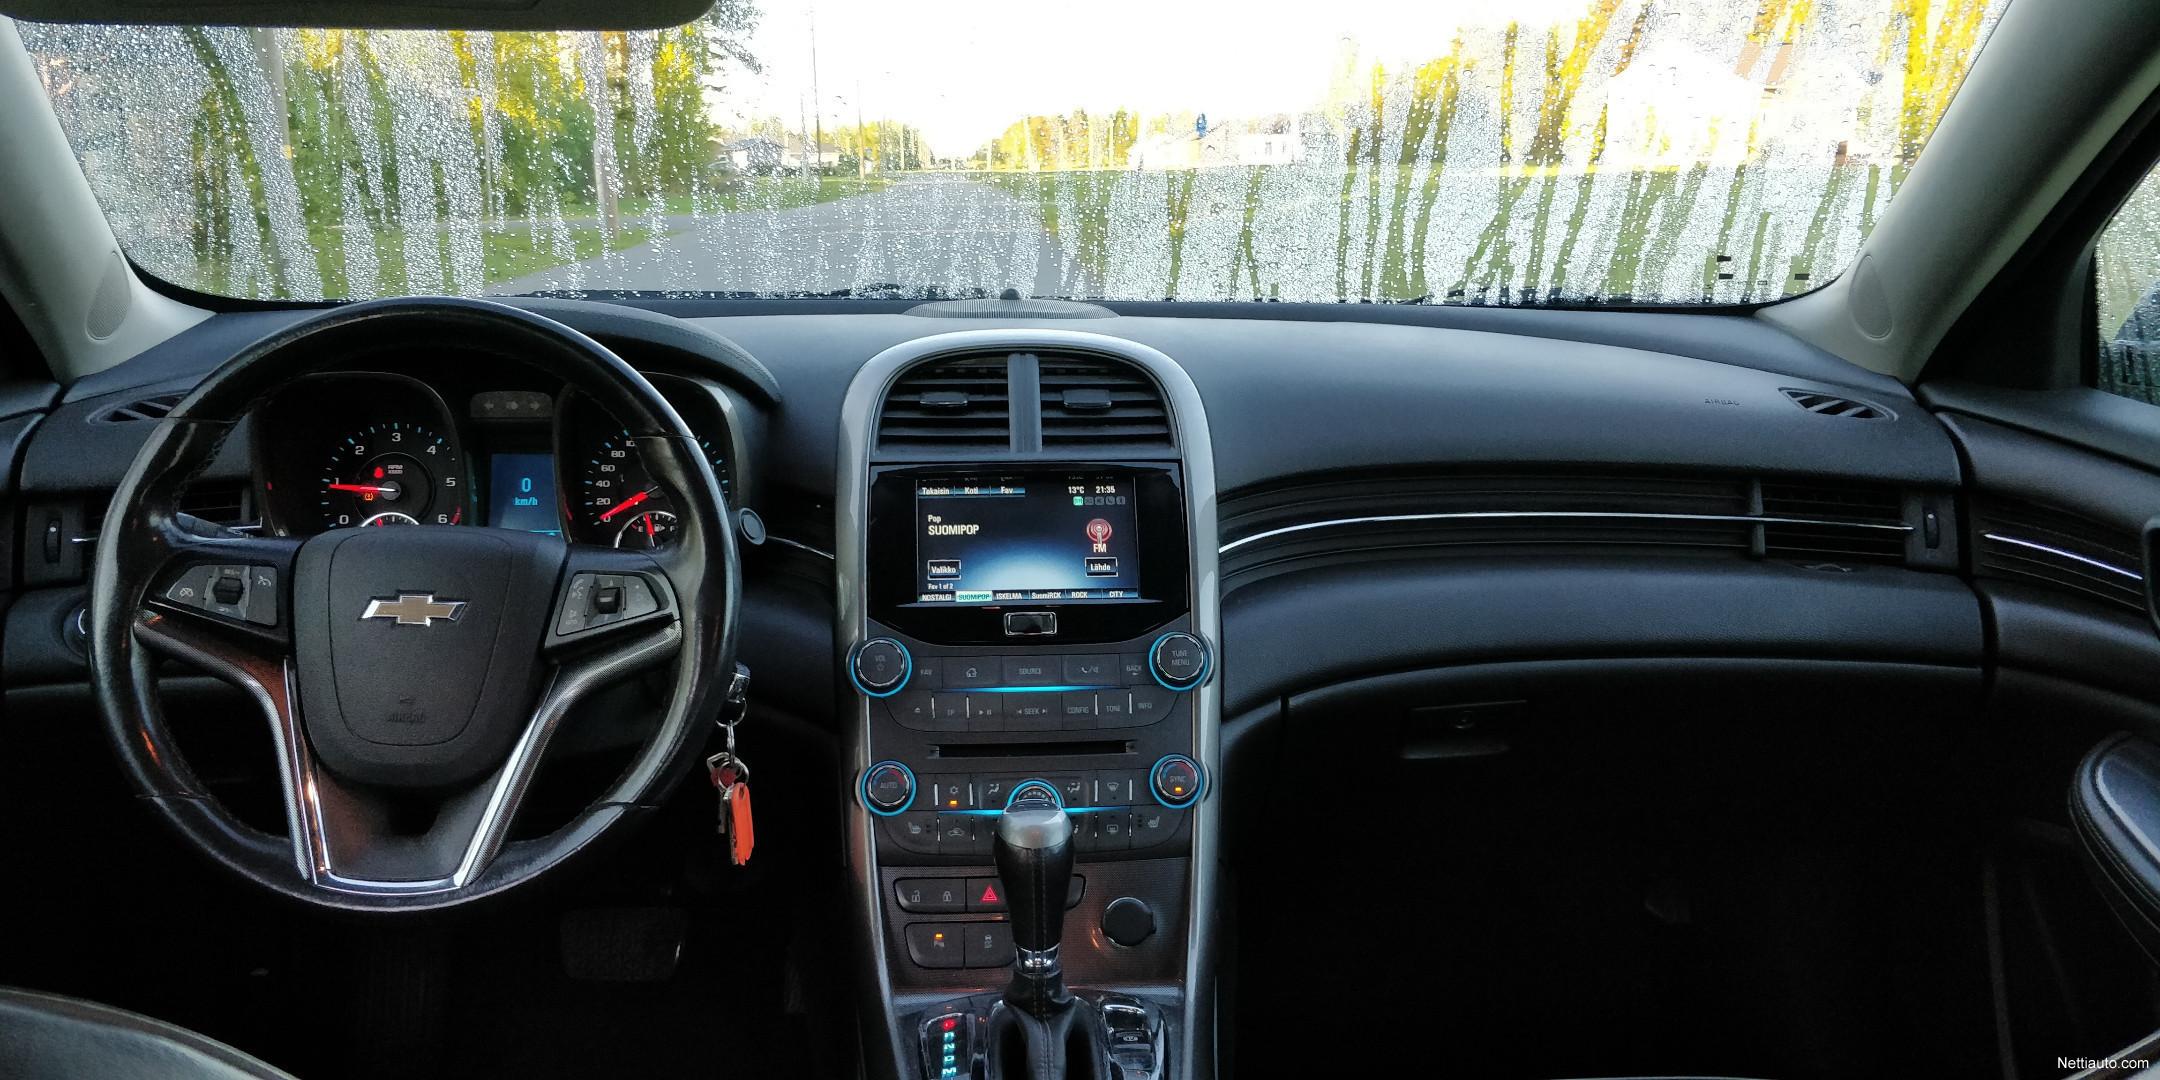 Chevrolet Malibu 4 ov LTZ 2 0D 117kW AT6 Sedan 2013 Used vehicle